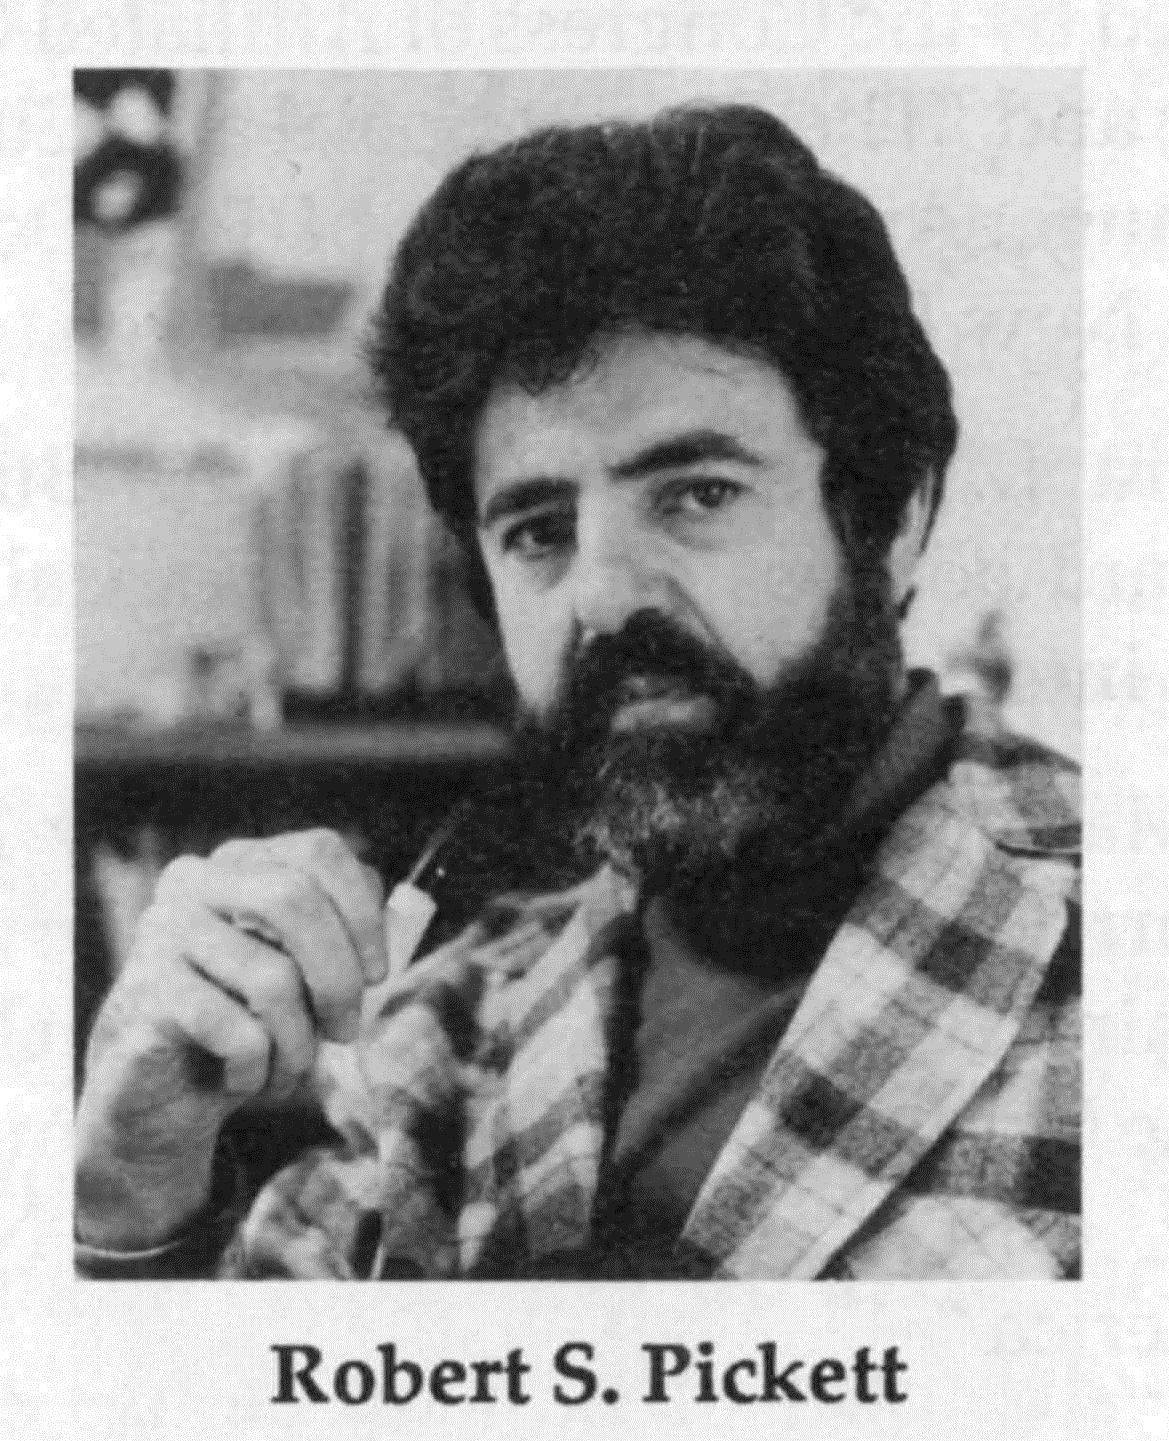 Robert Pickett